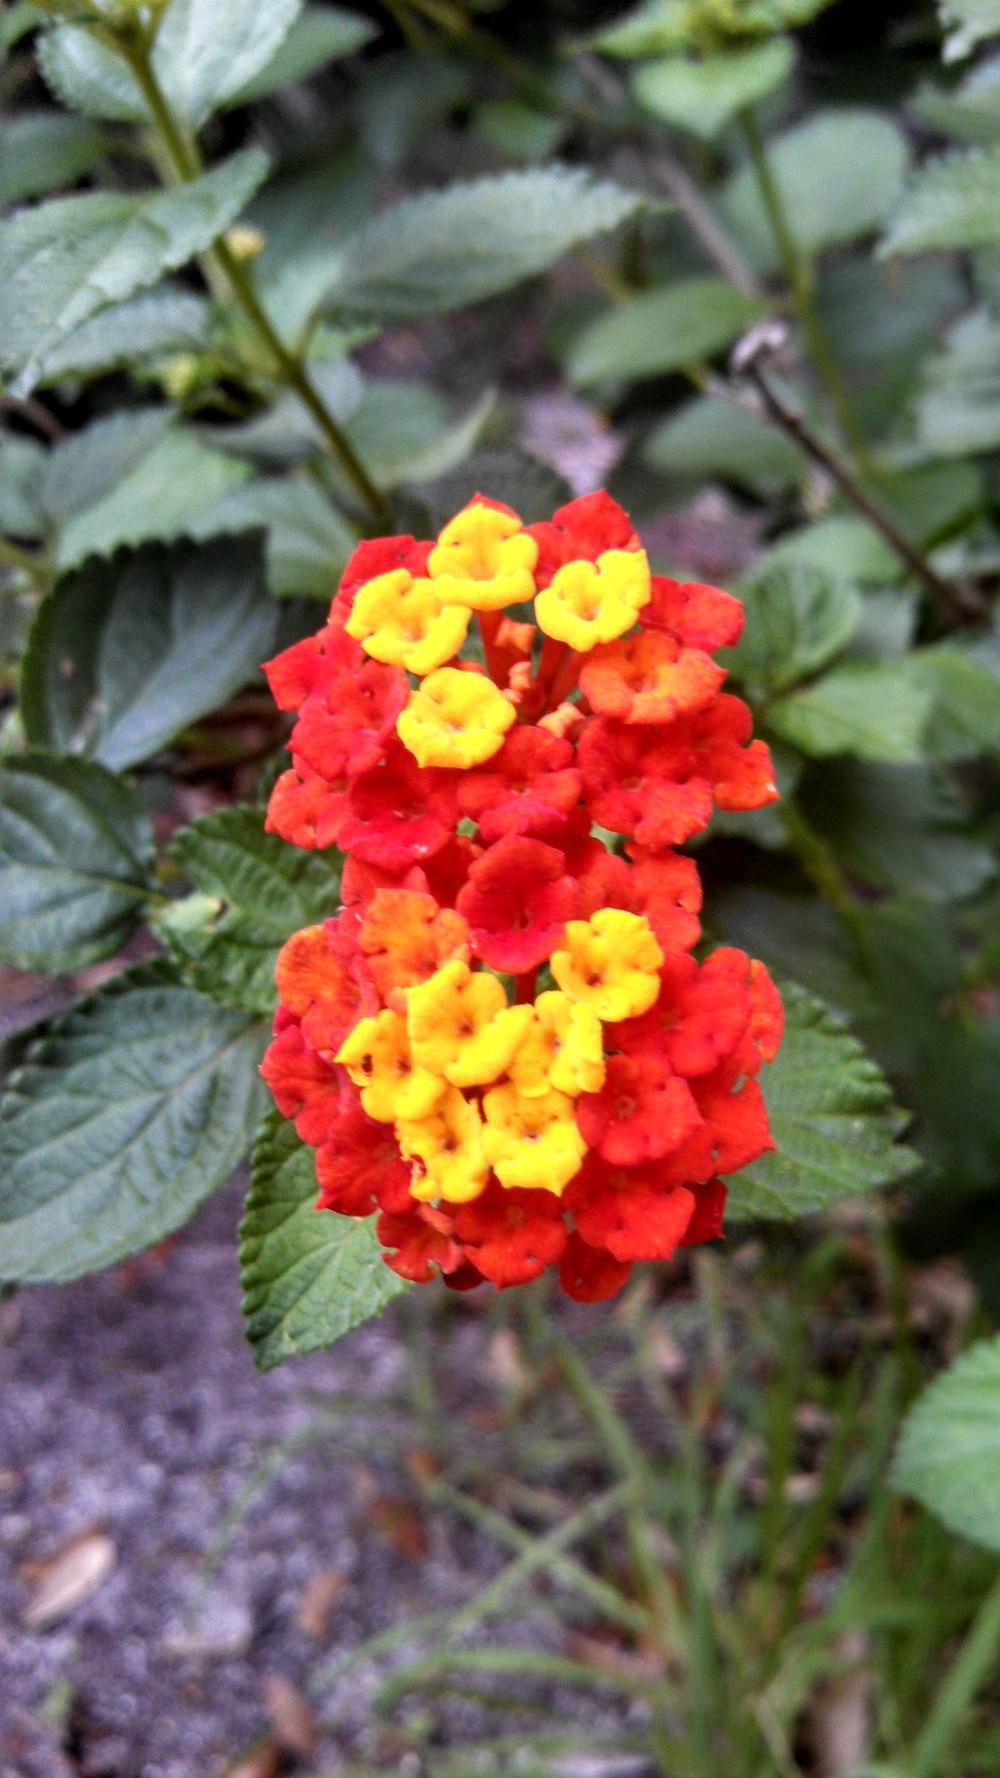 SilverGlenSprings-Flowers.jpg